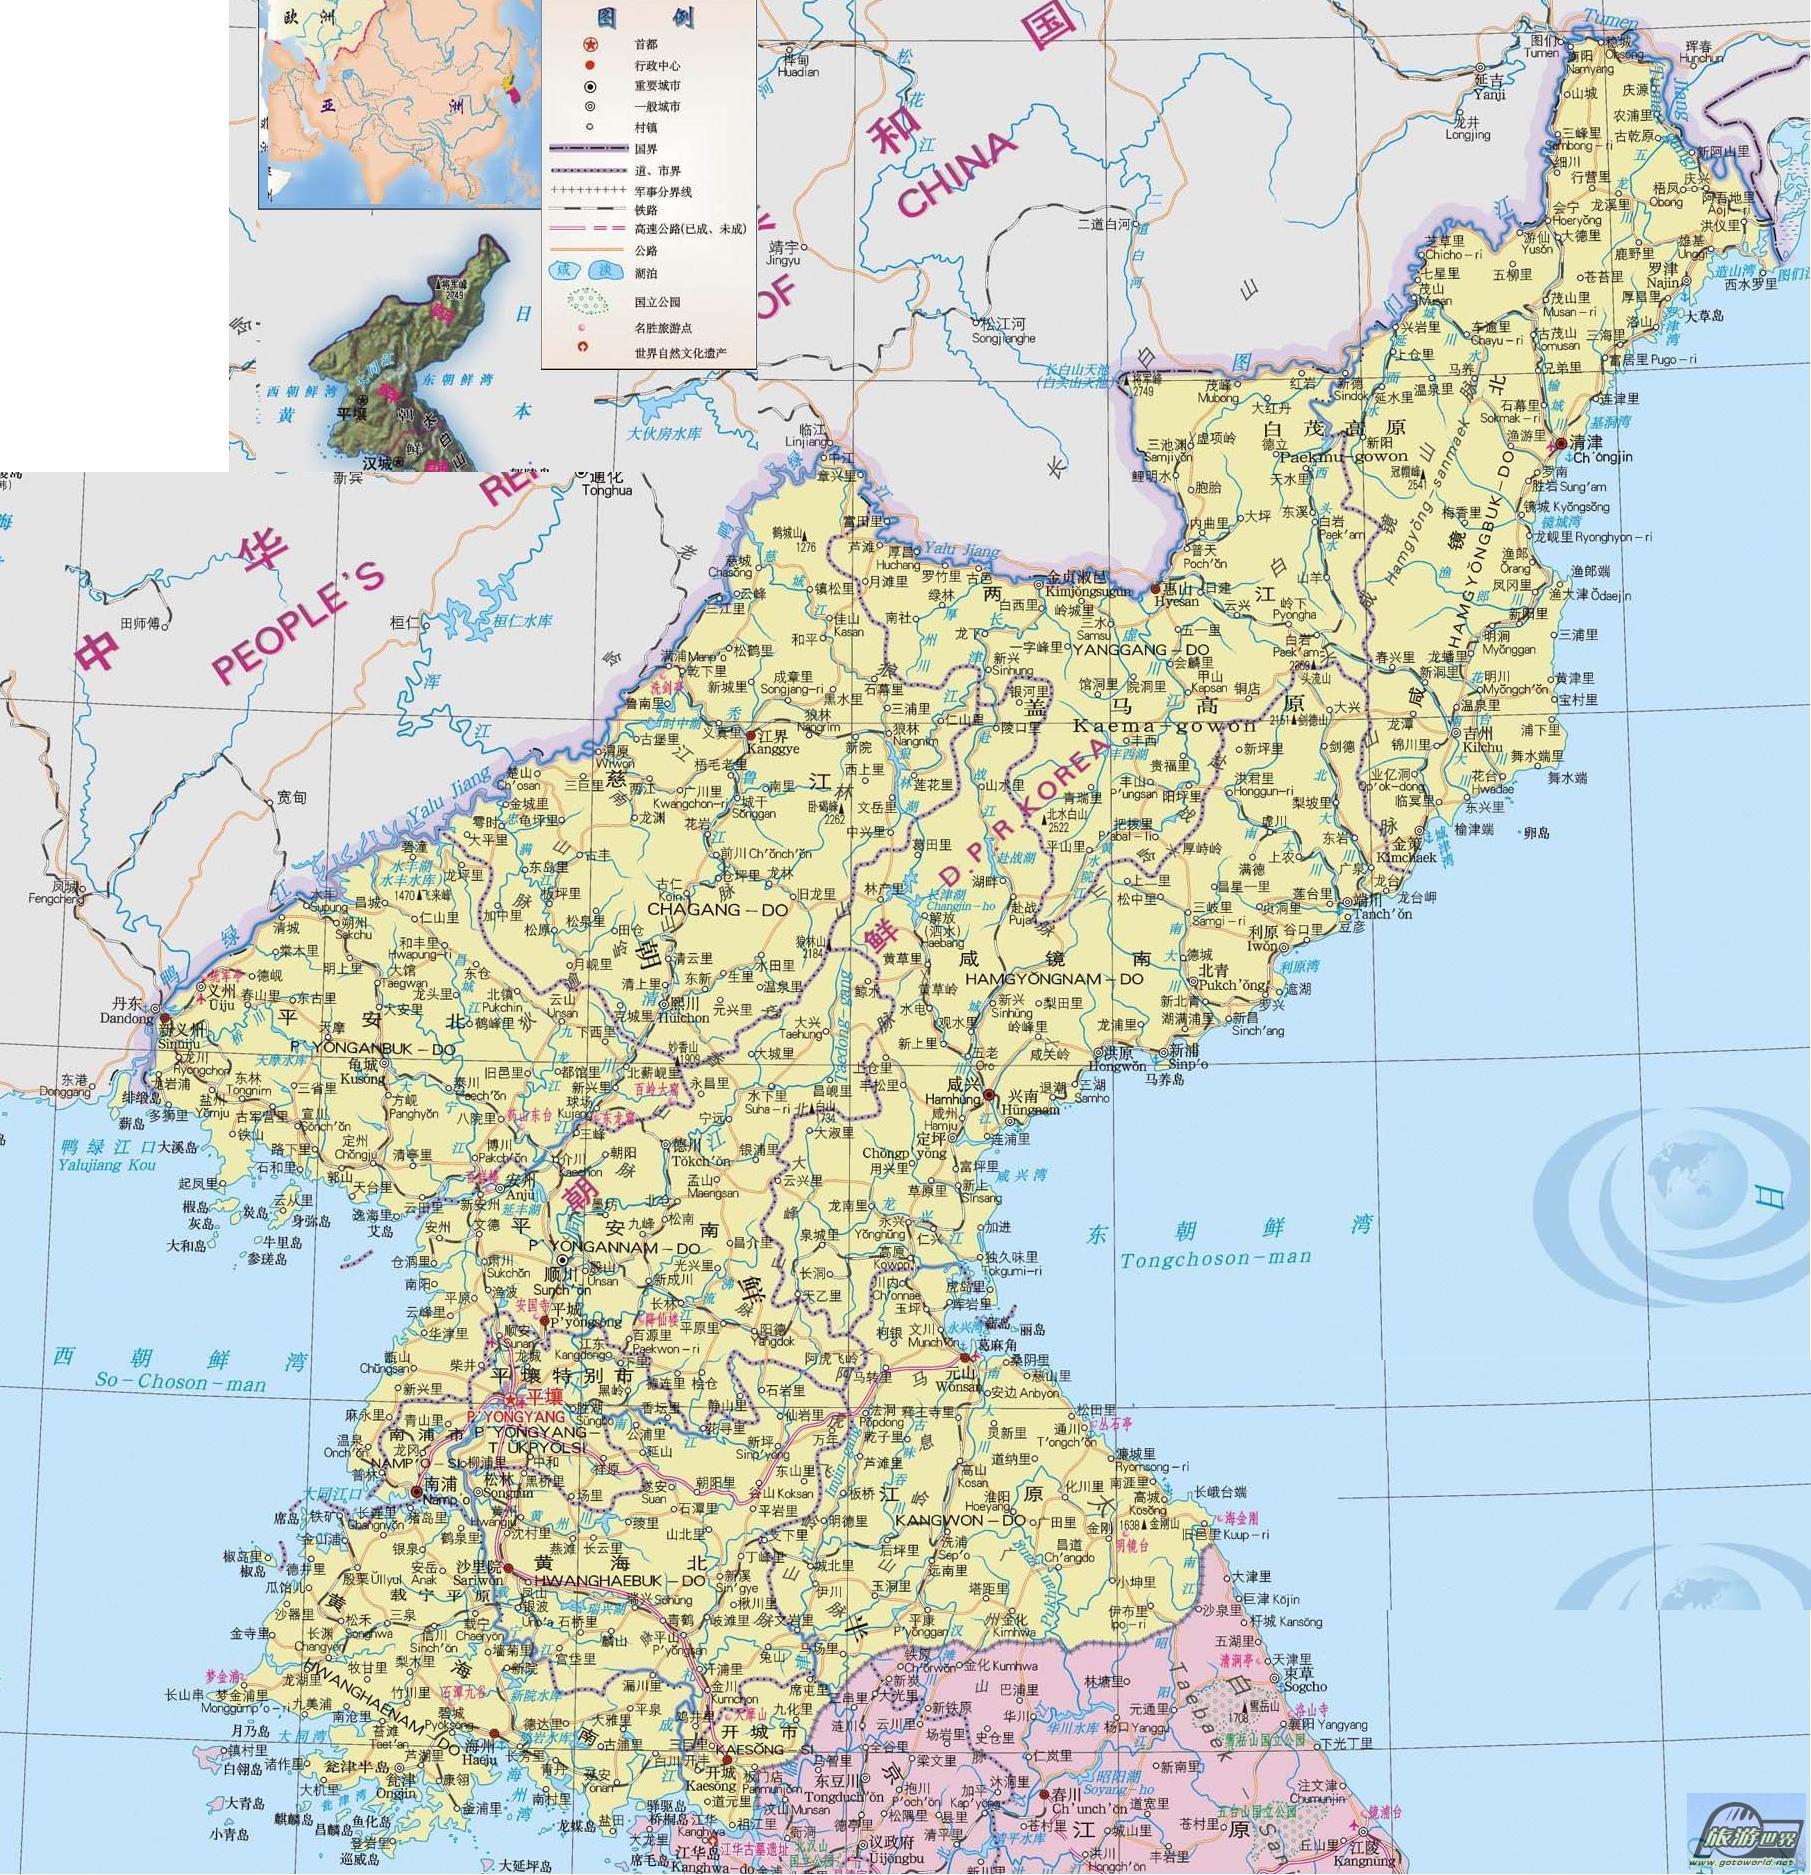 南北朝鲜地图(韩文版 朝鲜地图 朝鲜半岛旅游图  &nbsp